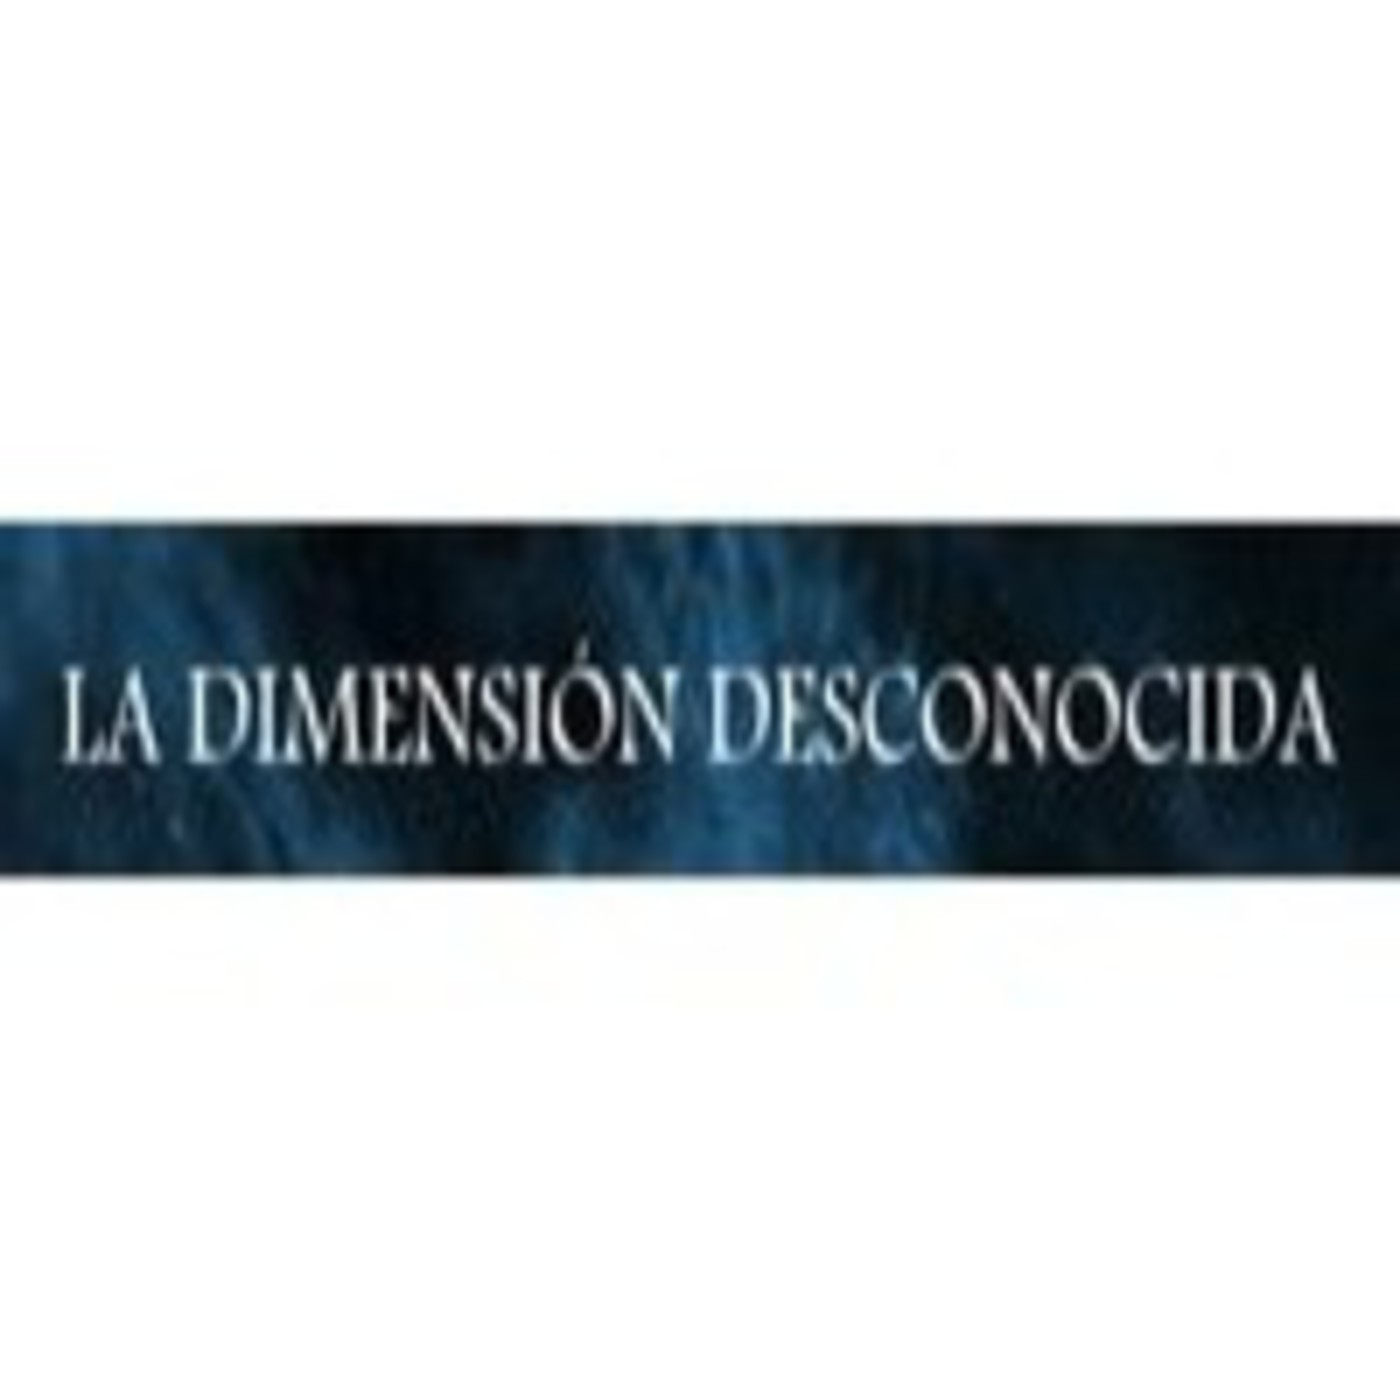 La Dimensión Desconocida: